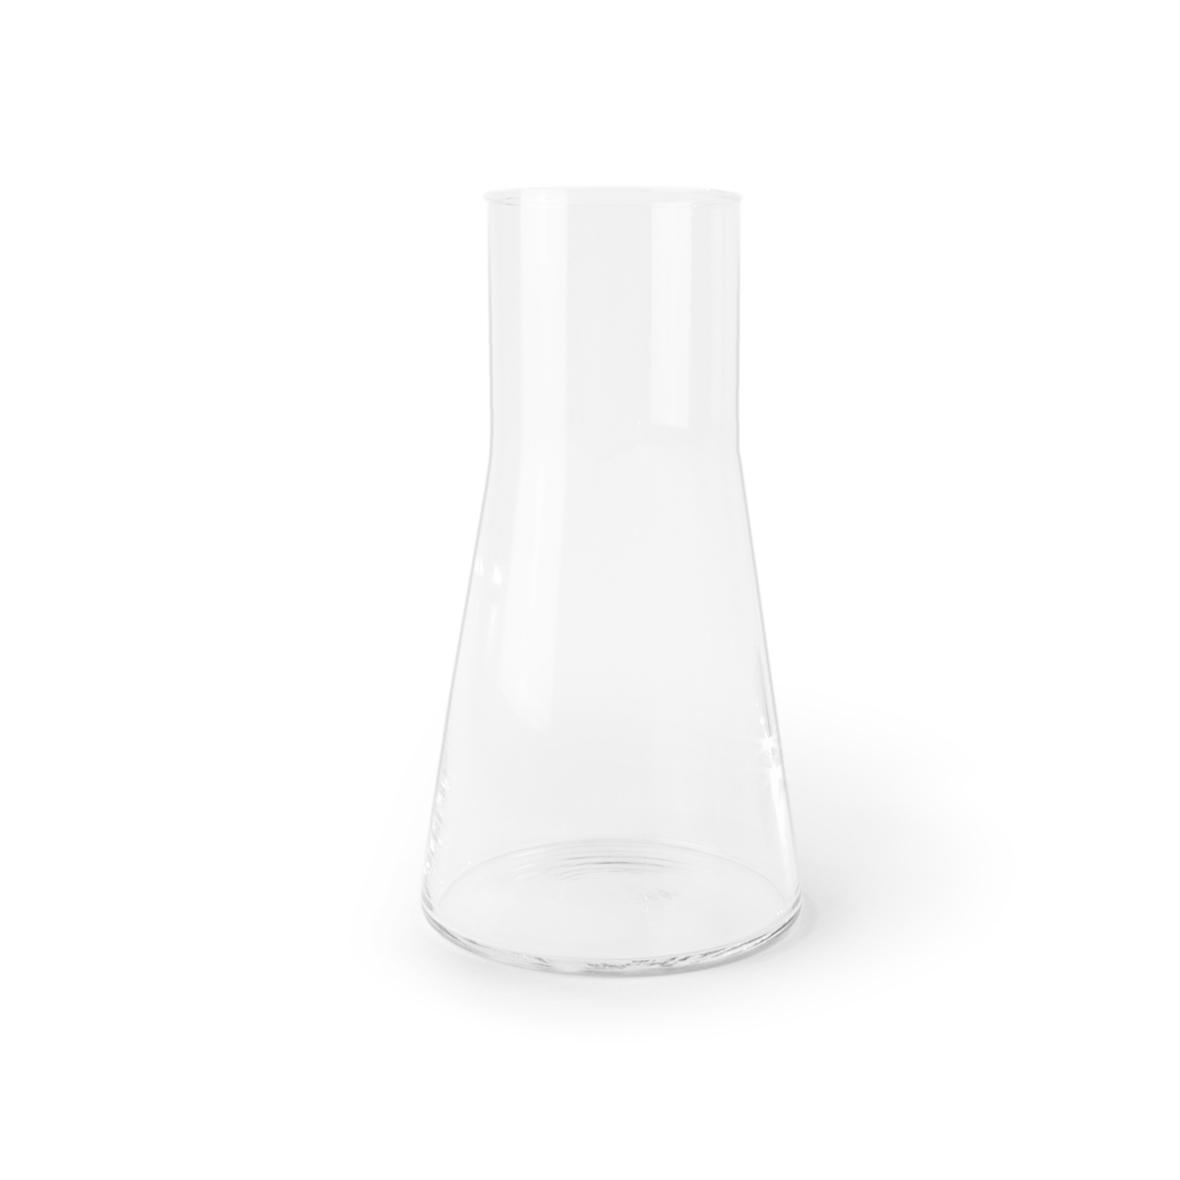 vase durstloescher mittel fidea design